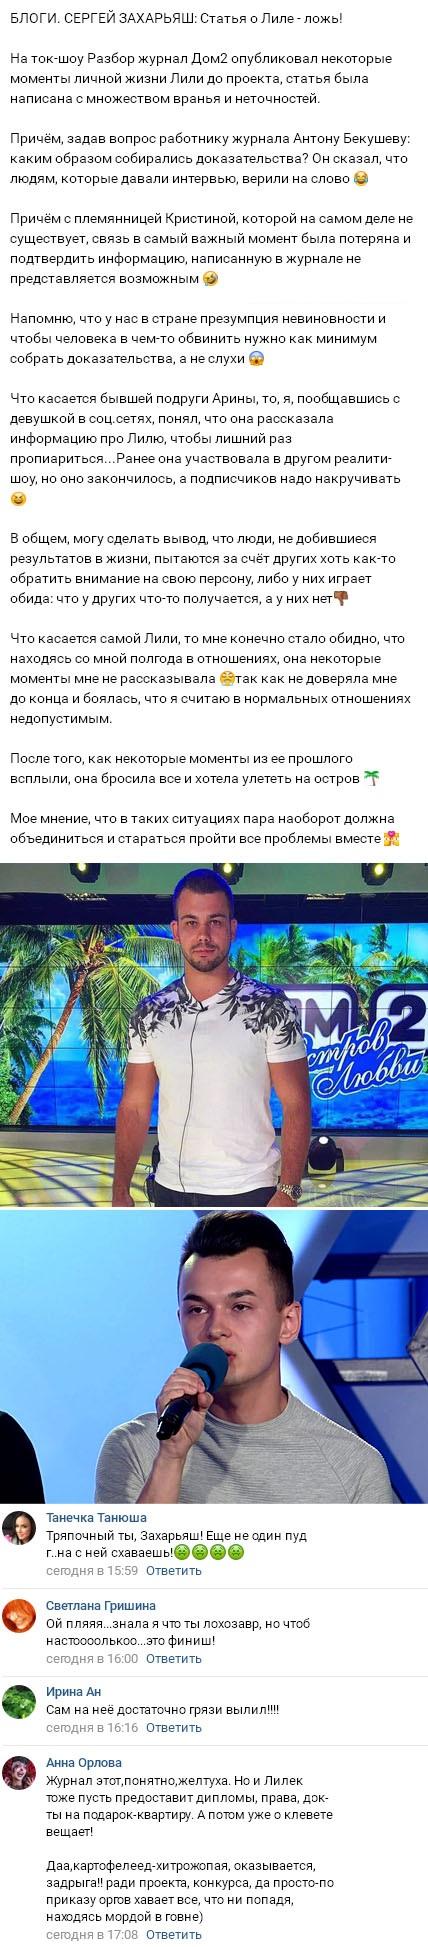 Сергей Захарьяш и Лилия Четрару разоблачили вранье сотрудника проекта